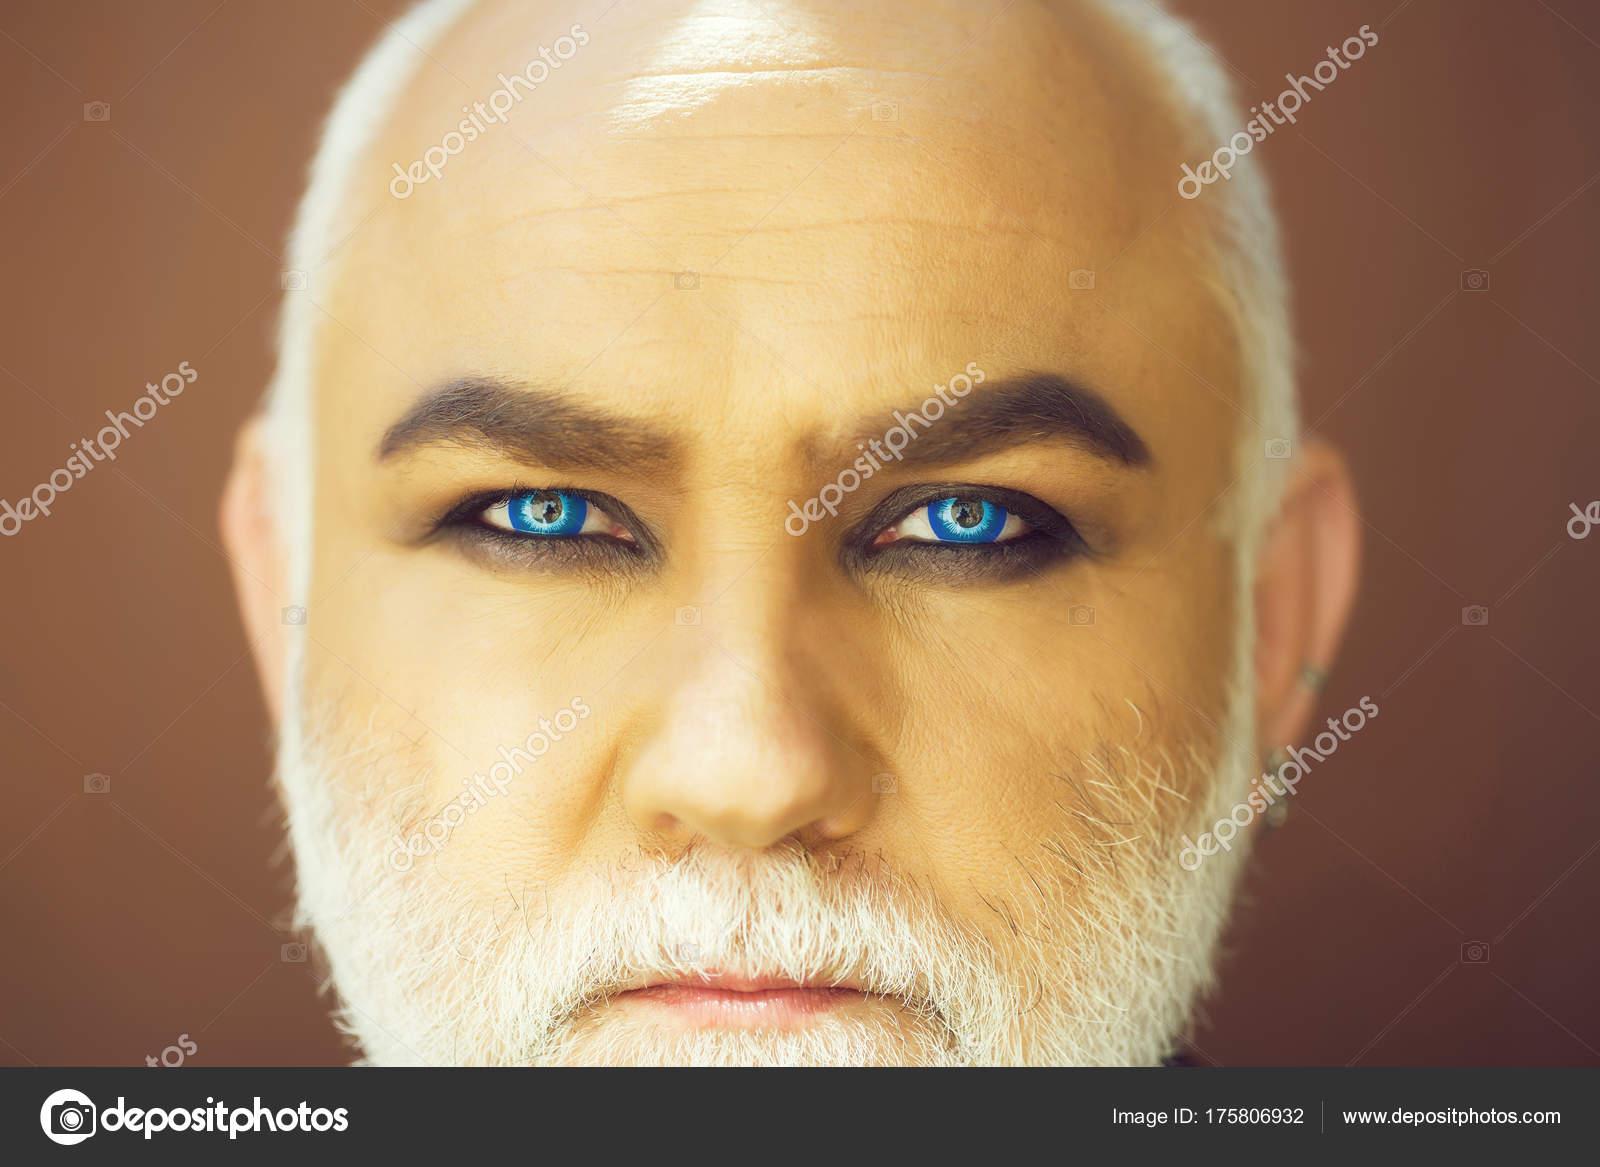 Old man blue eyes